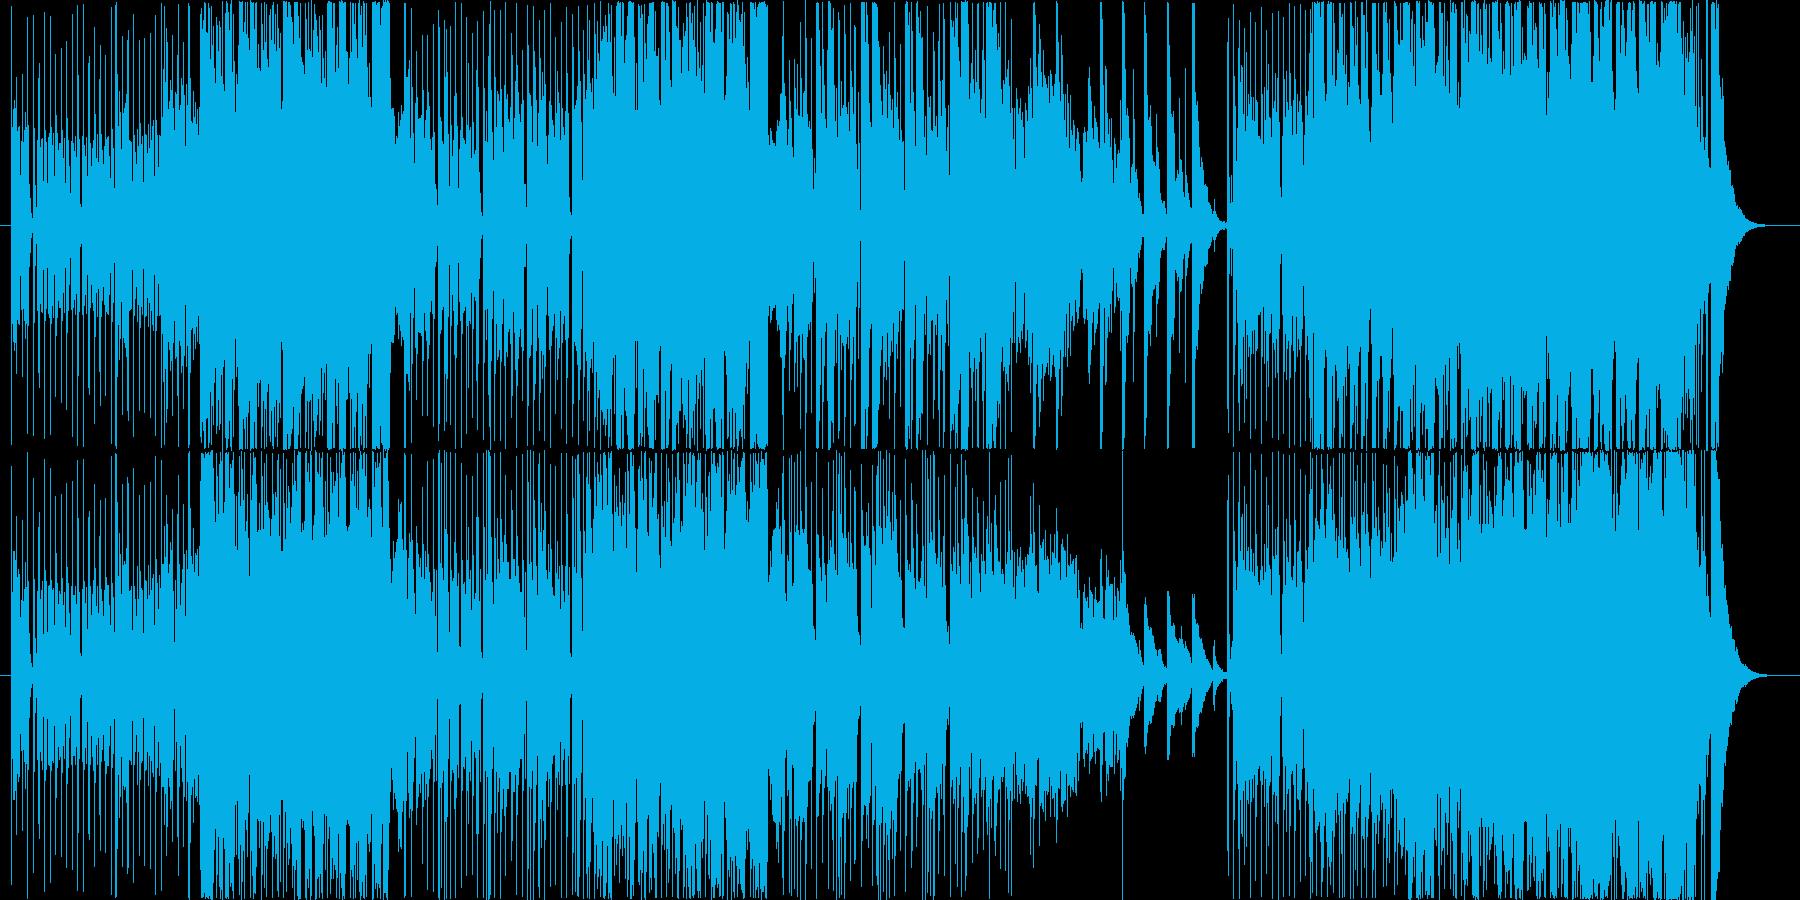 和楽器を使用したロックなサウンドトラックの再生済みの波形